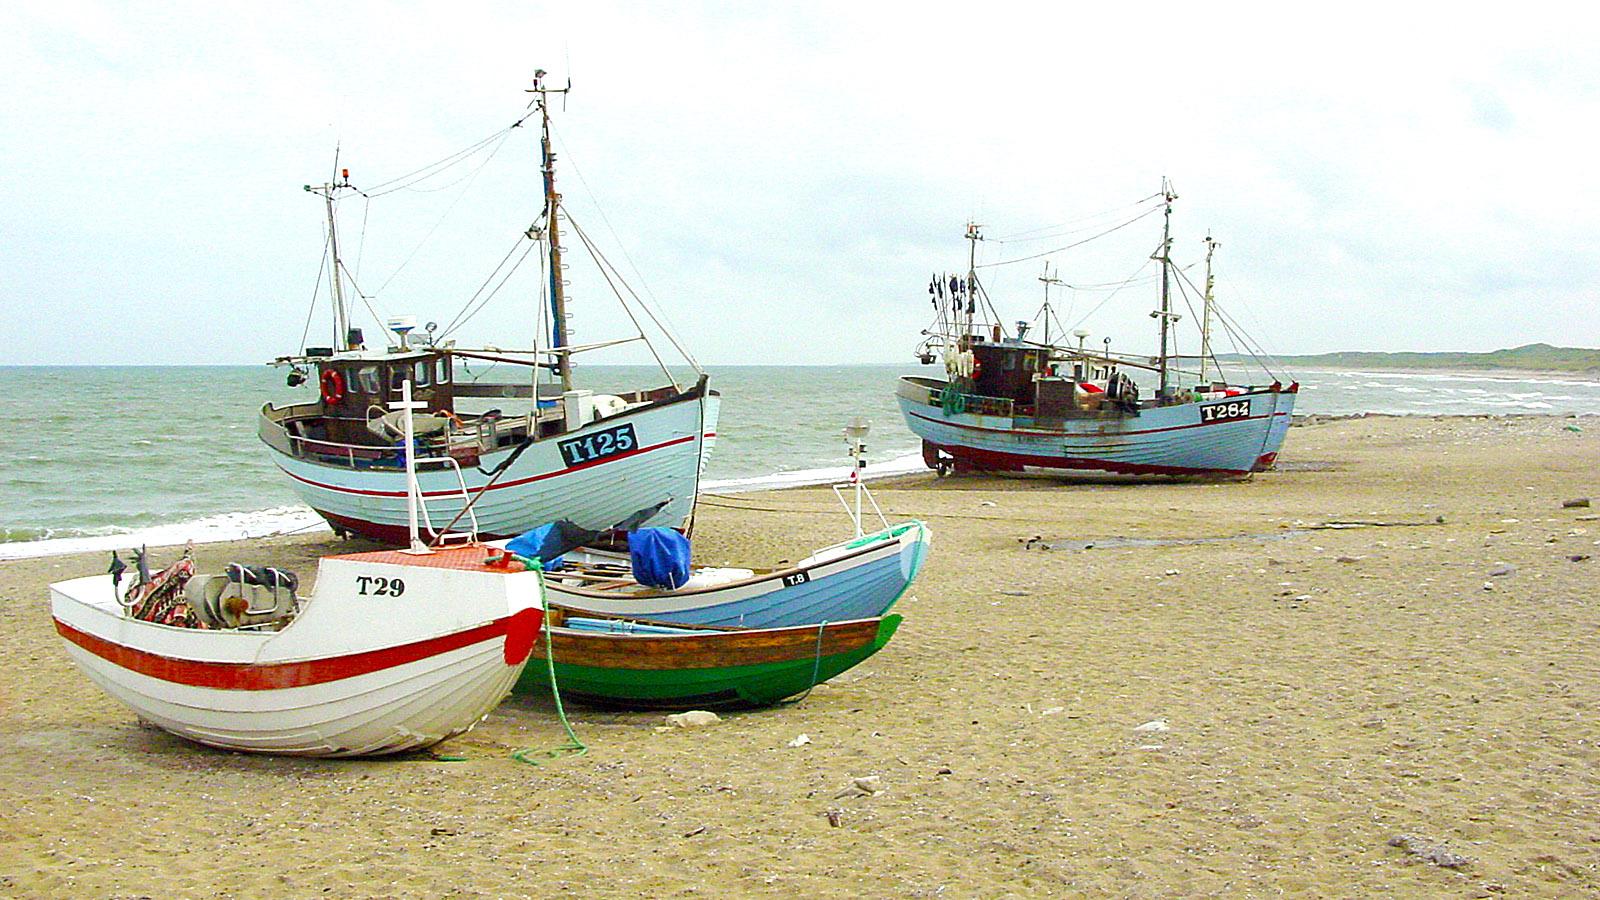 Am Strand von Norre Vorupør. Foto: Hilke Maunder